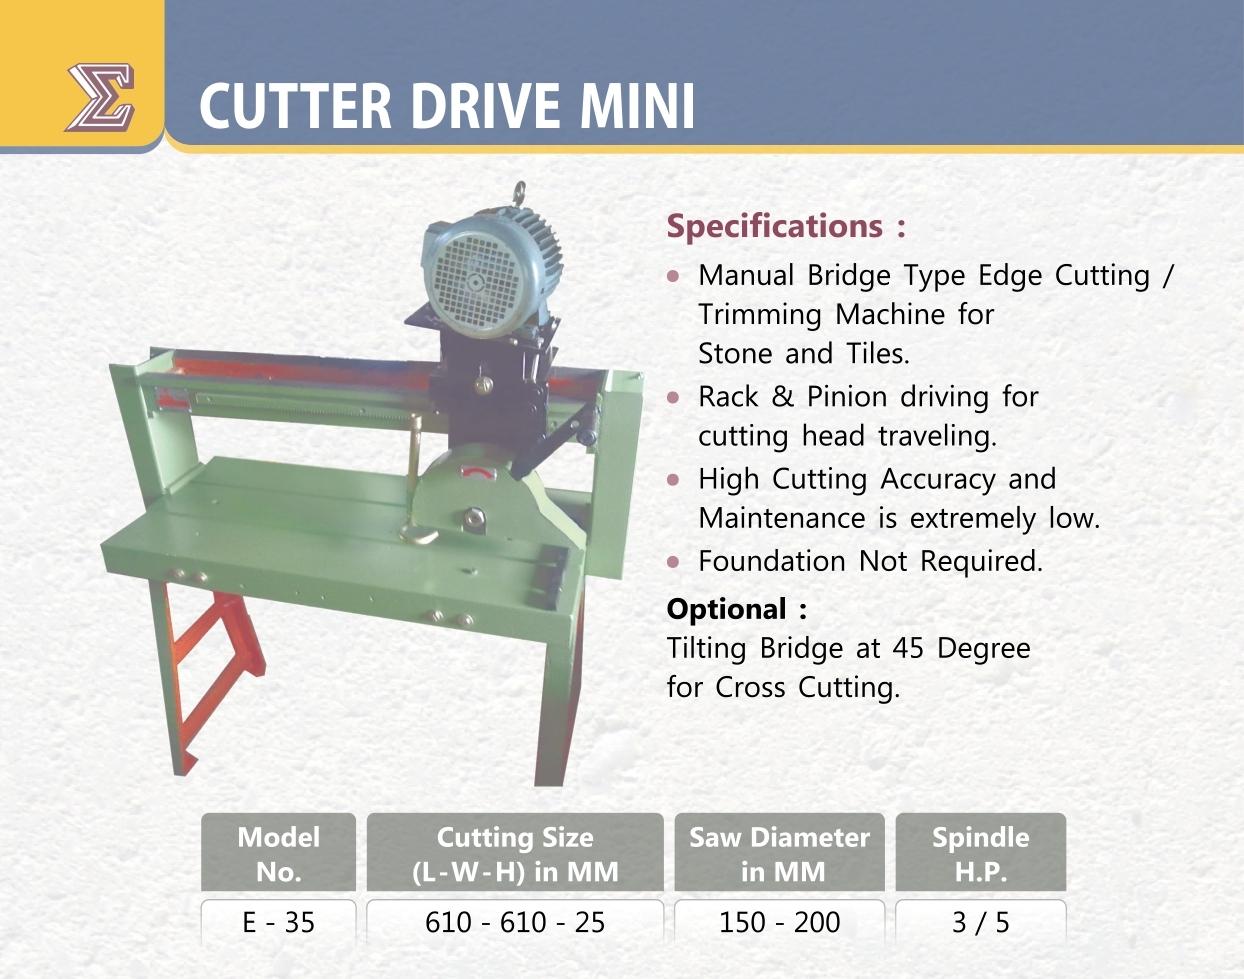 CF SMT Cutter Drive Mini E-35